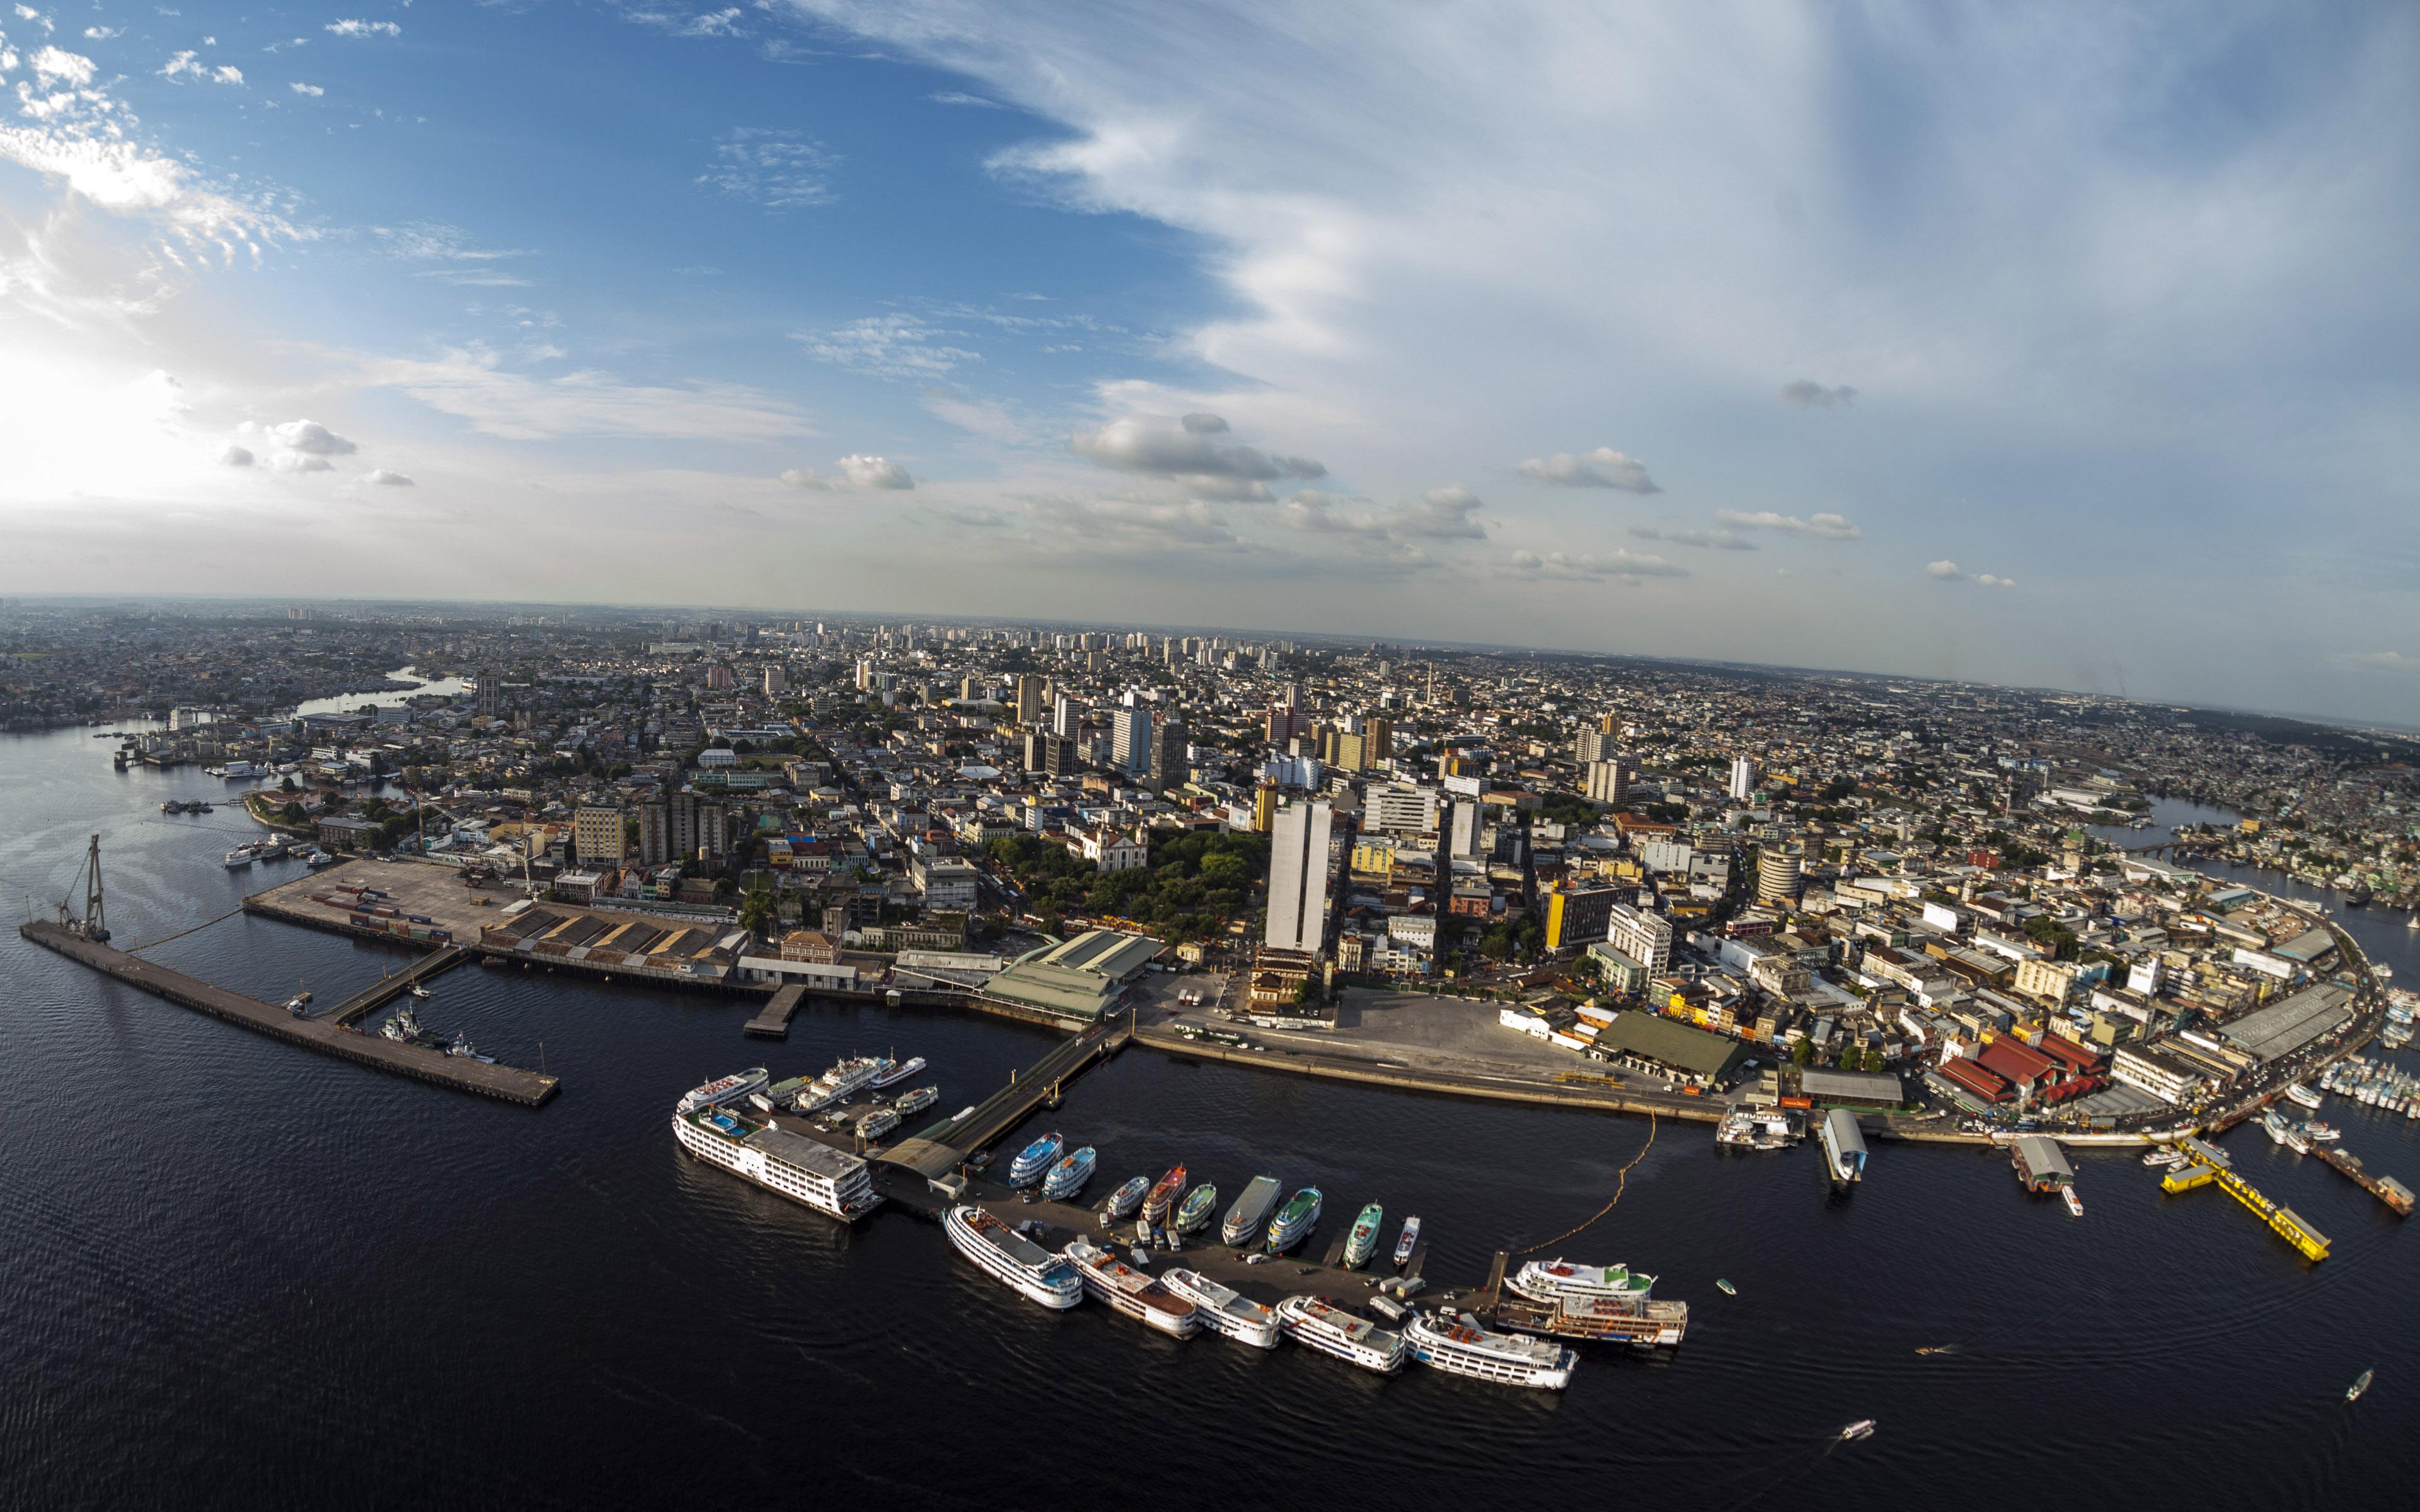 Découvrez la ville de Manaus située au cœur de l'Amazonie au Brésil